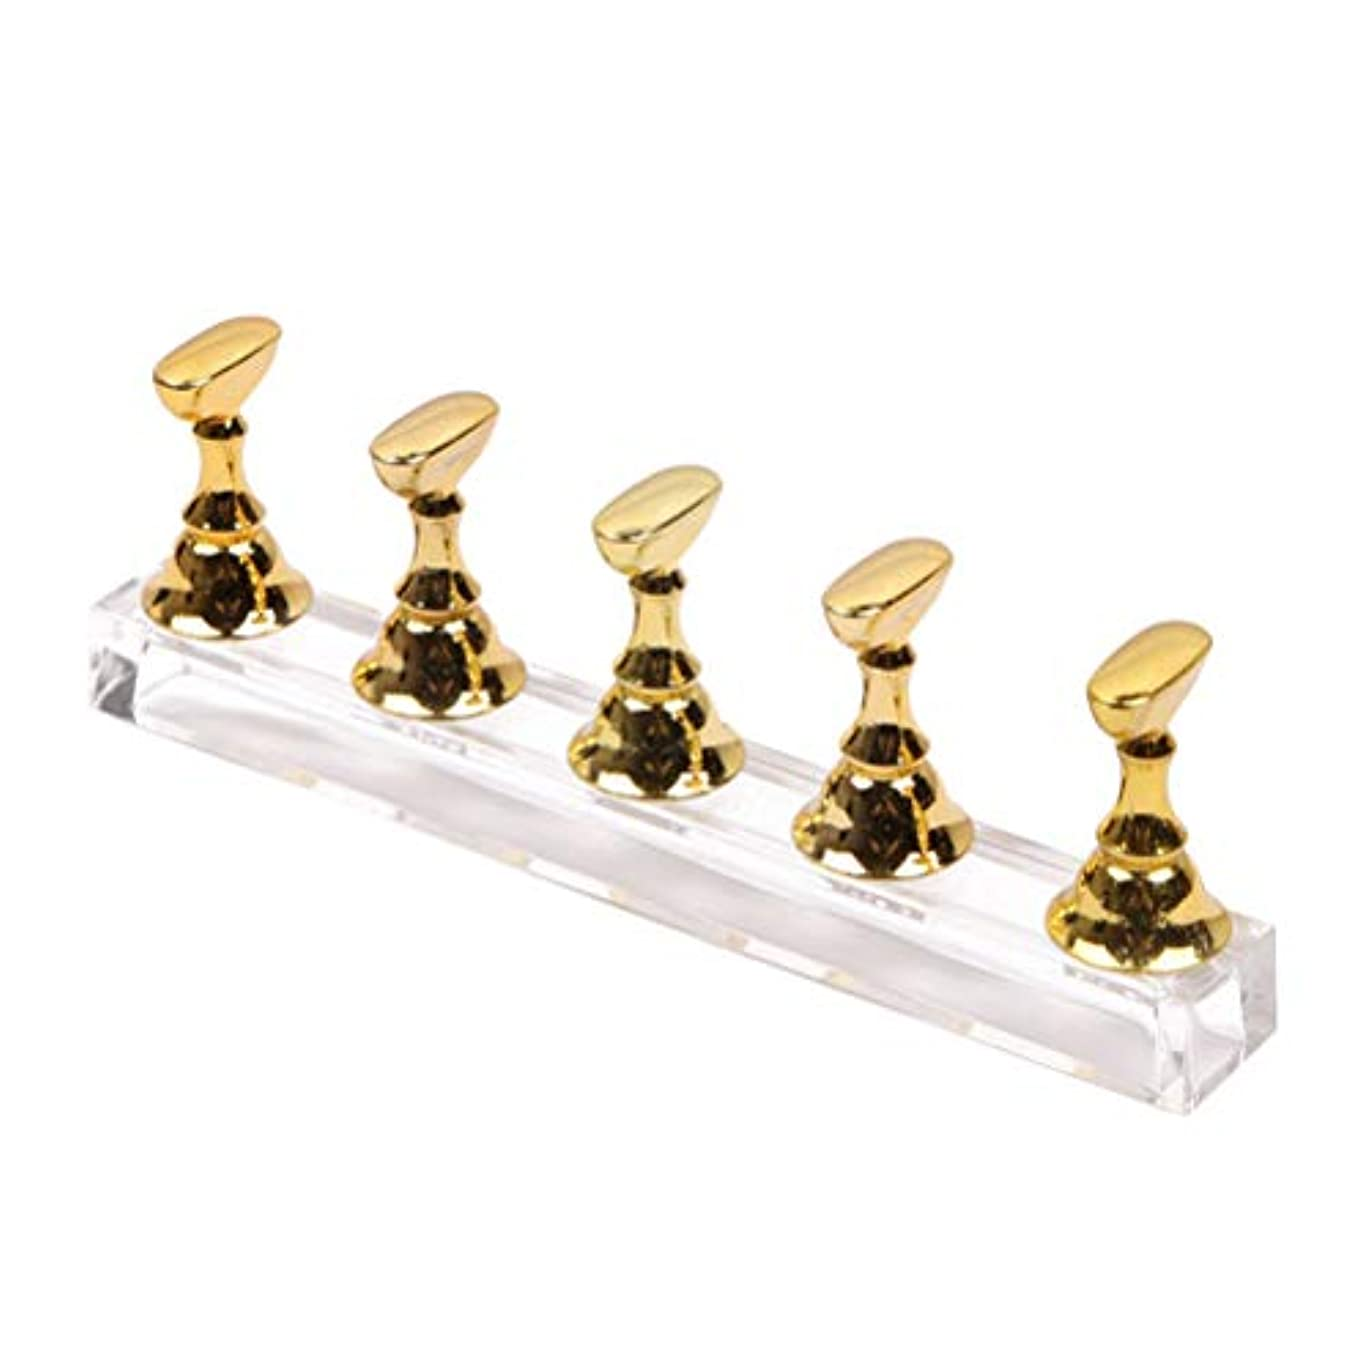 ドキドキ政令民主主義Frcolor ネイルチップスタンド ディスプレイスタンド サンプルチップ ネイルアート道具 磁気 練習用 5本セット(ゴールデン)